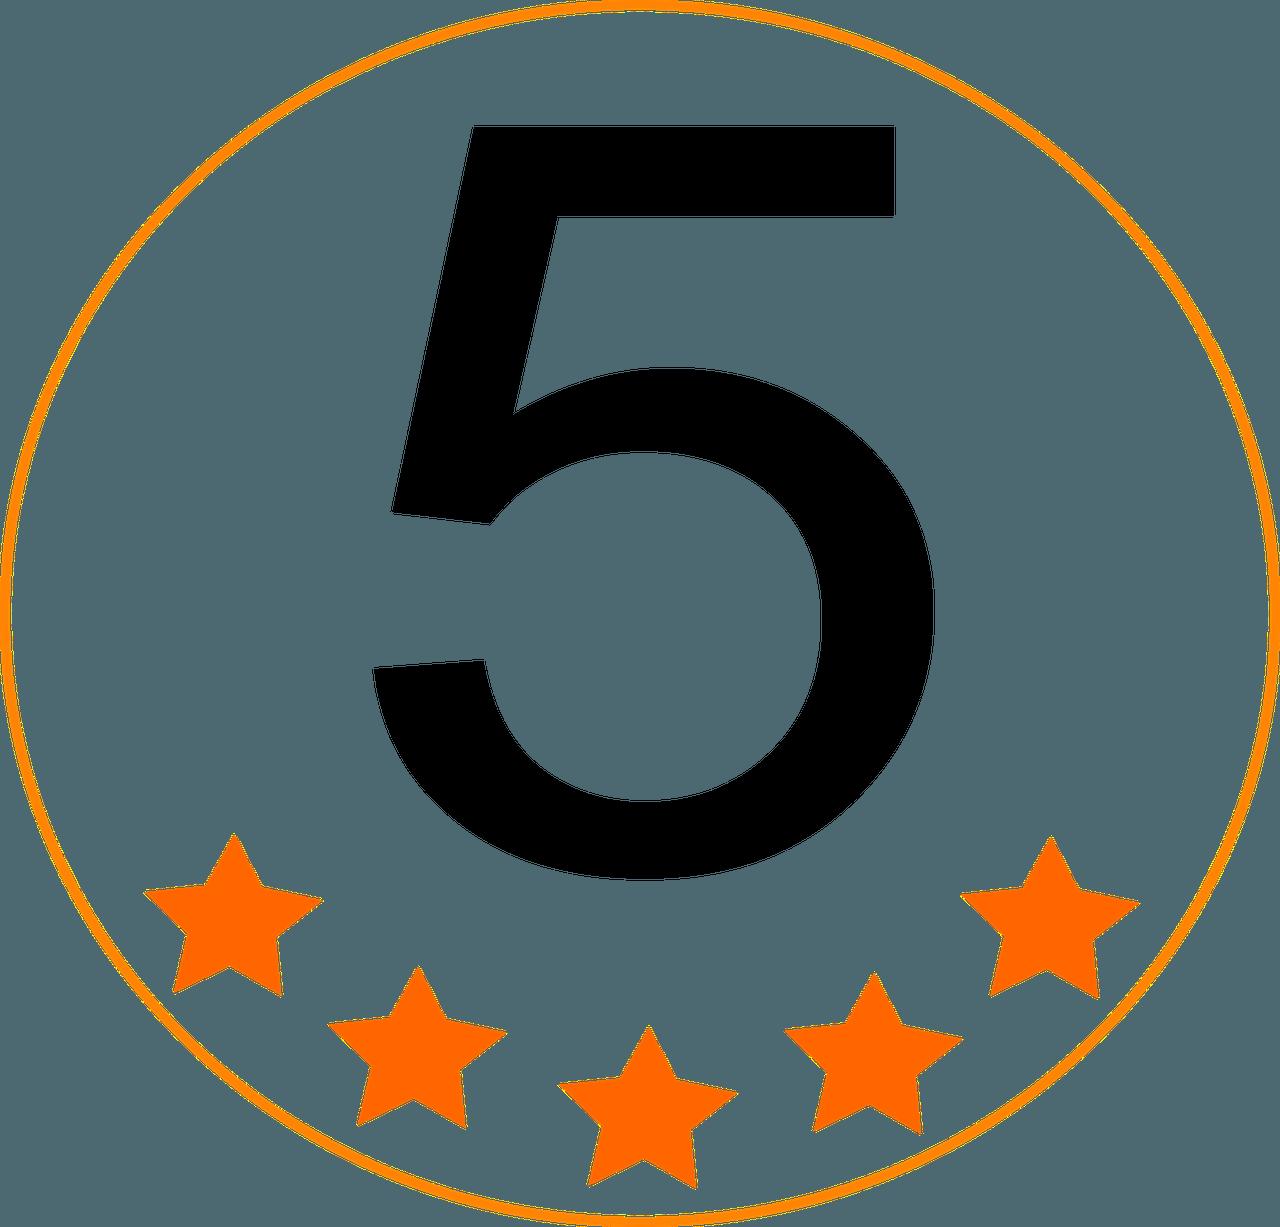 5 Formen der Kommunikationsfaehigkeit, 5 Sterne